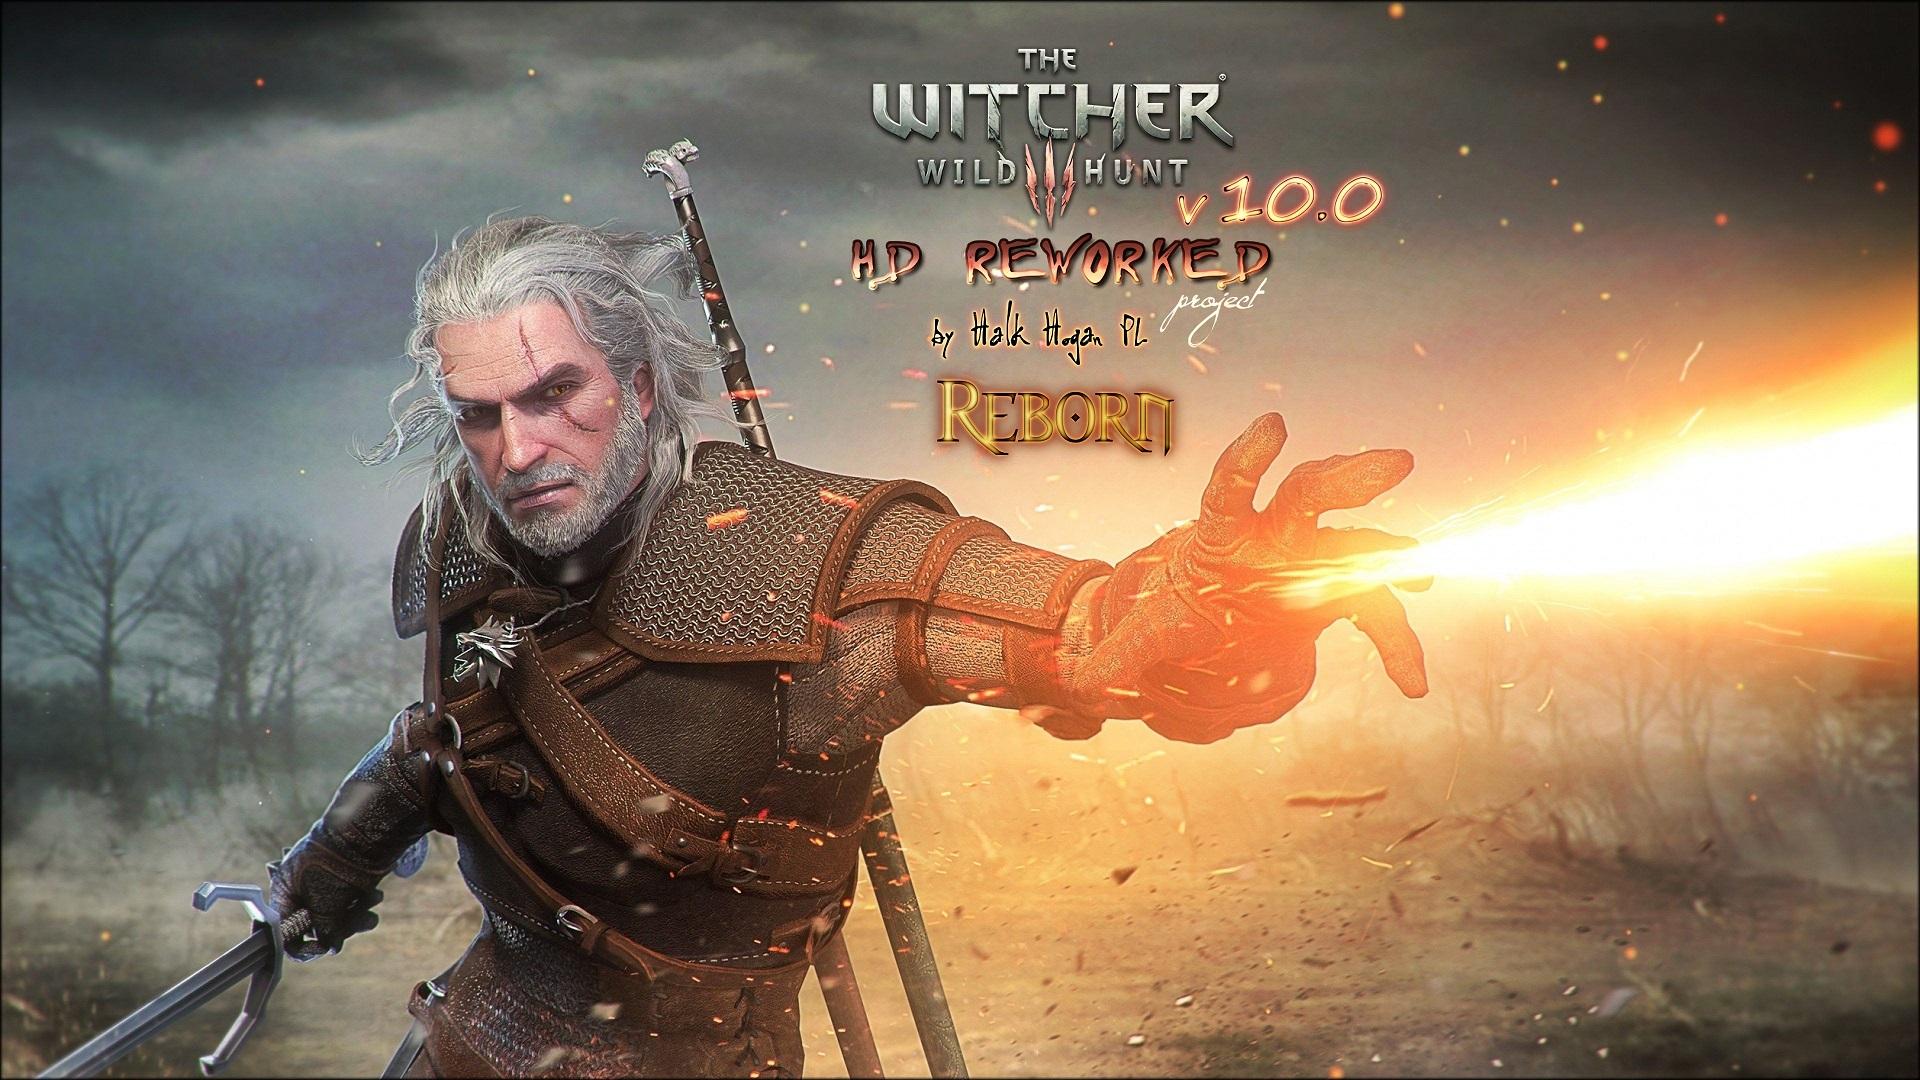 《巫师3》高清Mod V10演示视频 画质提升游戏更美了